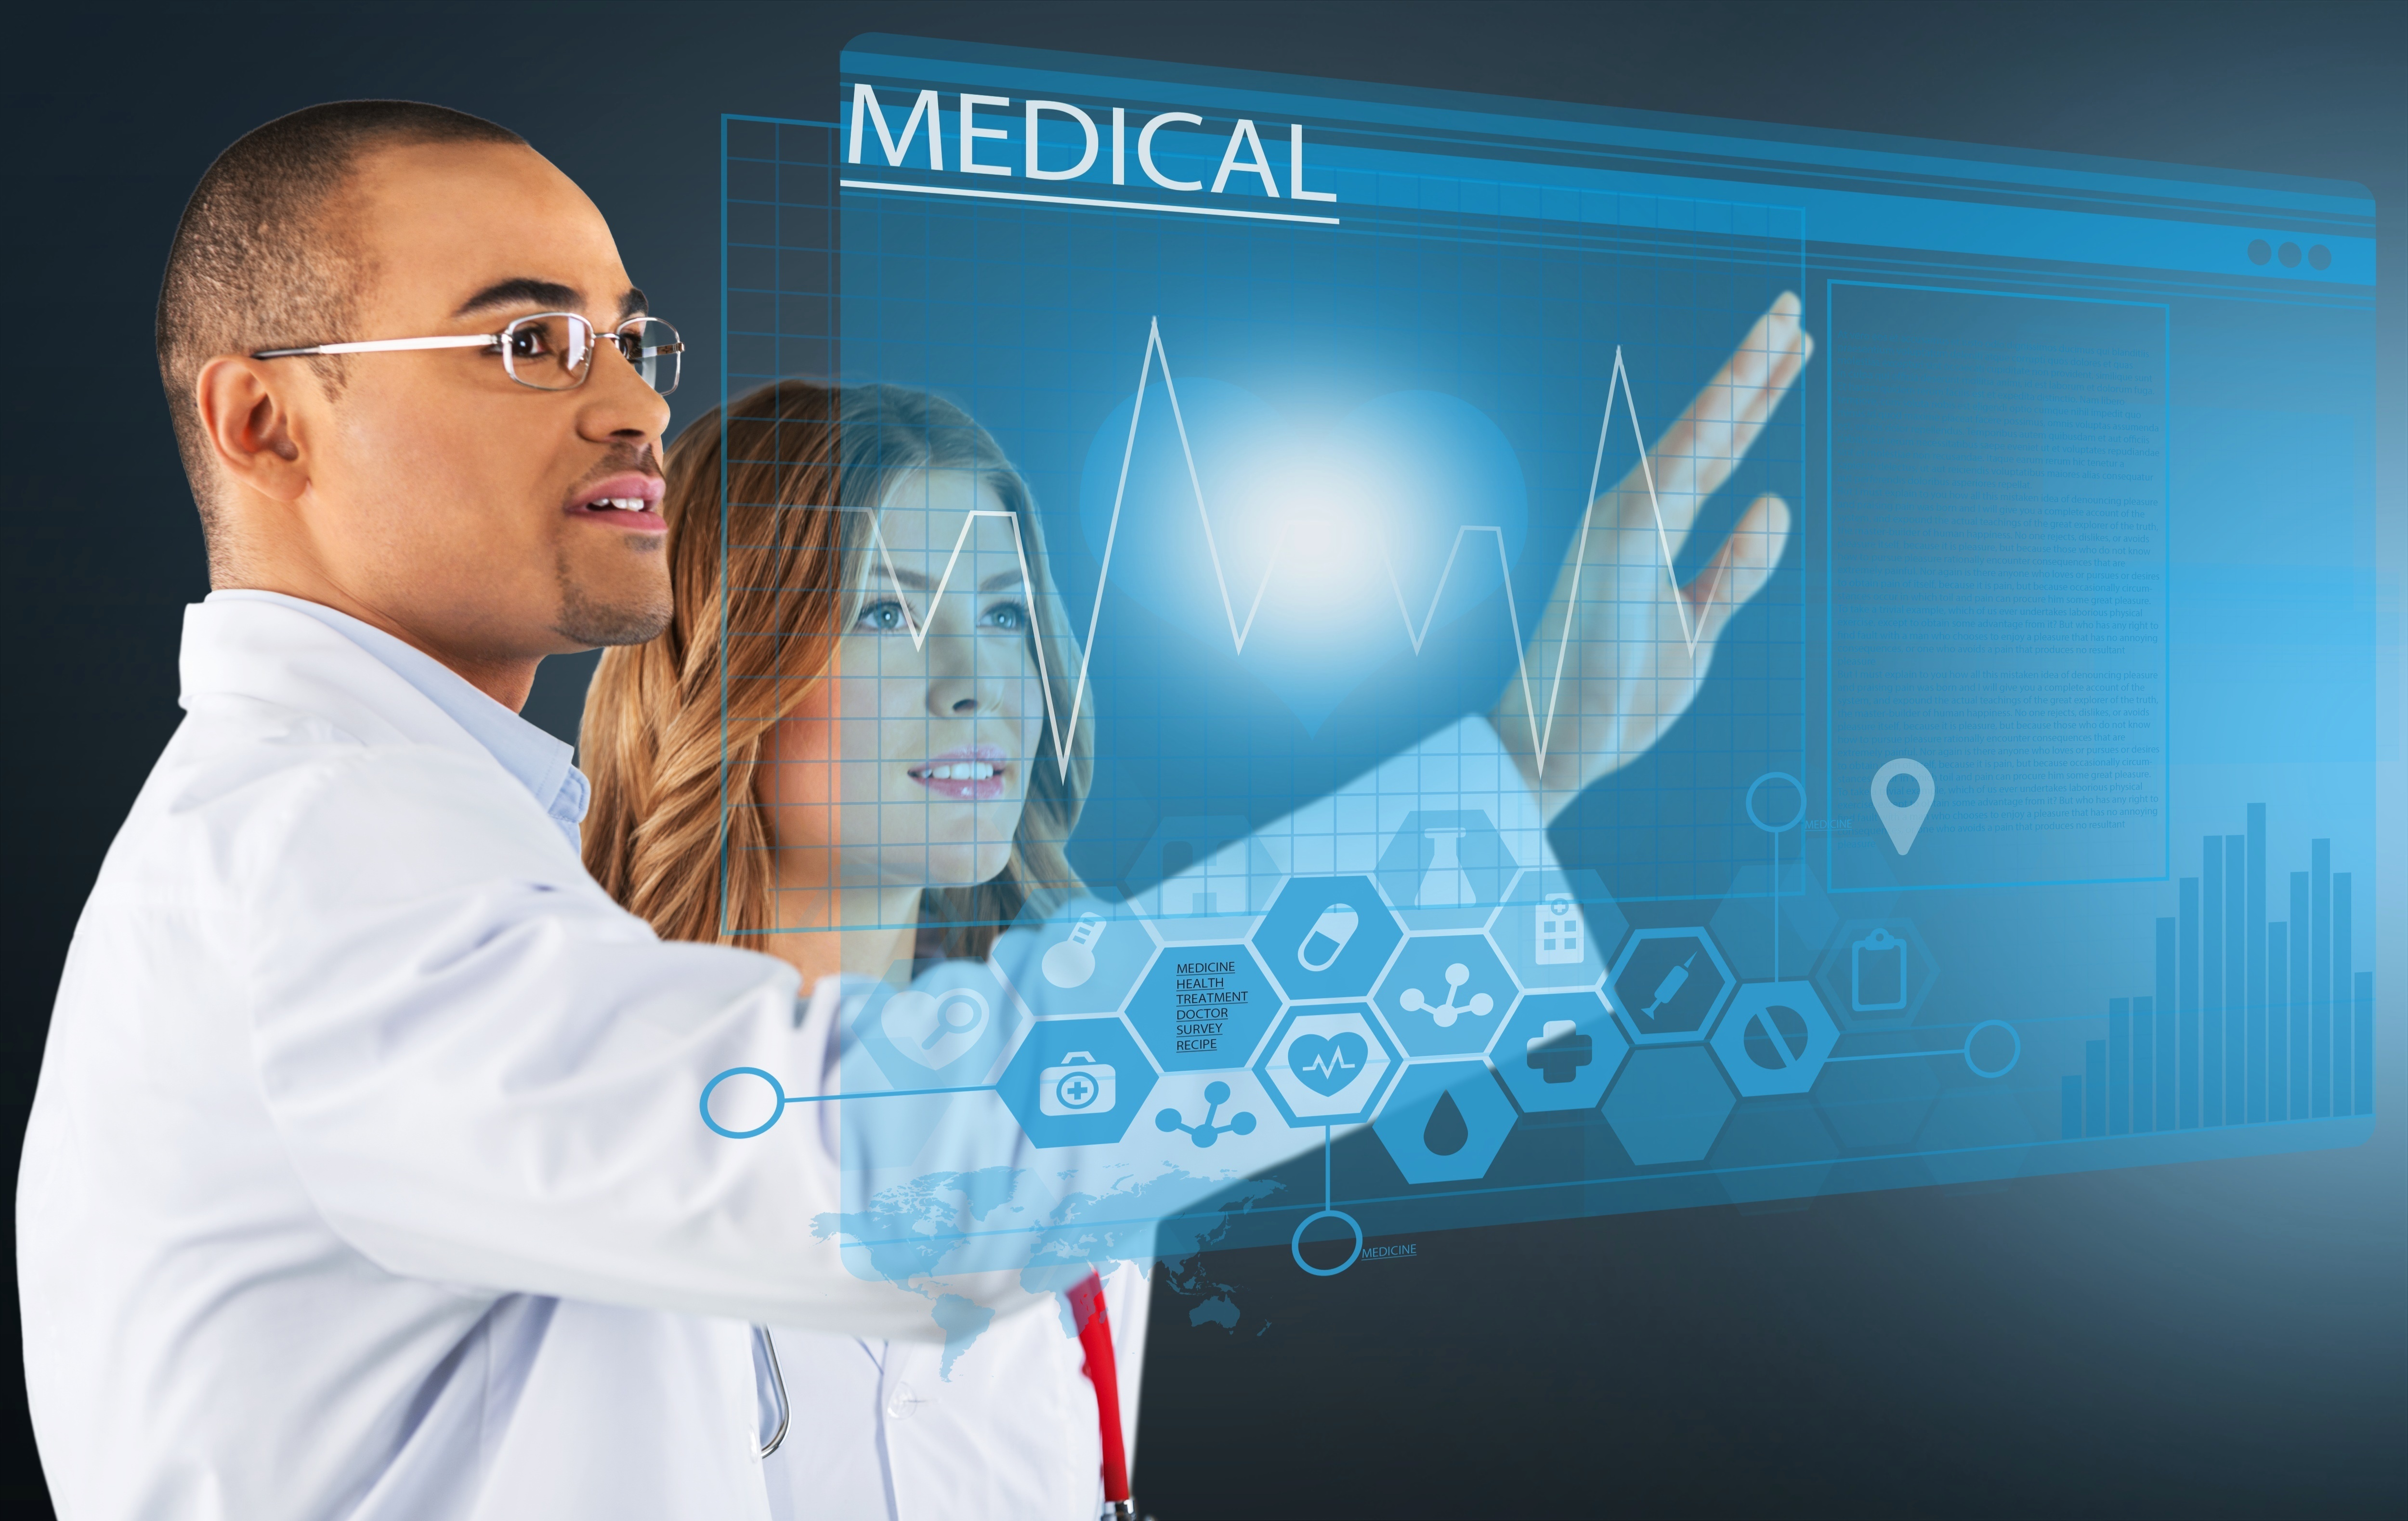 Deutsche Diabetes Gesellschaft veröffentlicht Rahmenpapier für die Digitalisierung im Gesundheitswesen